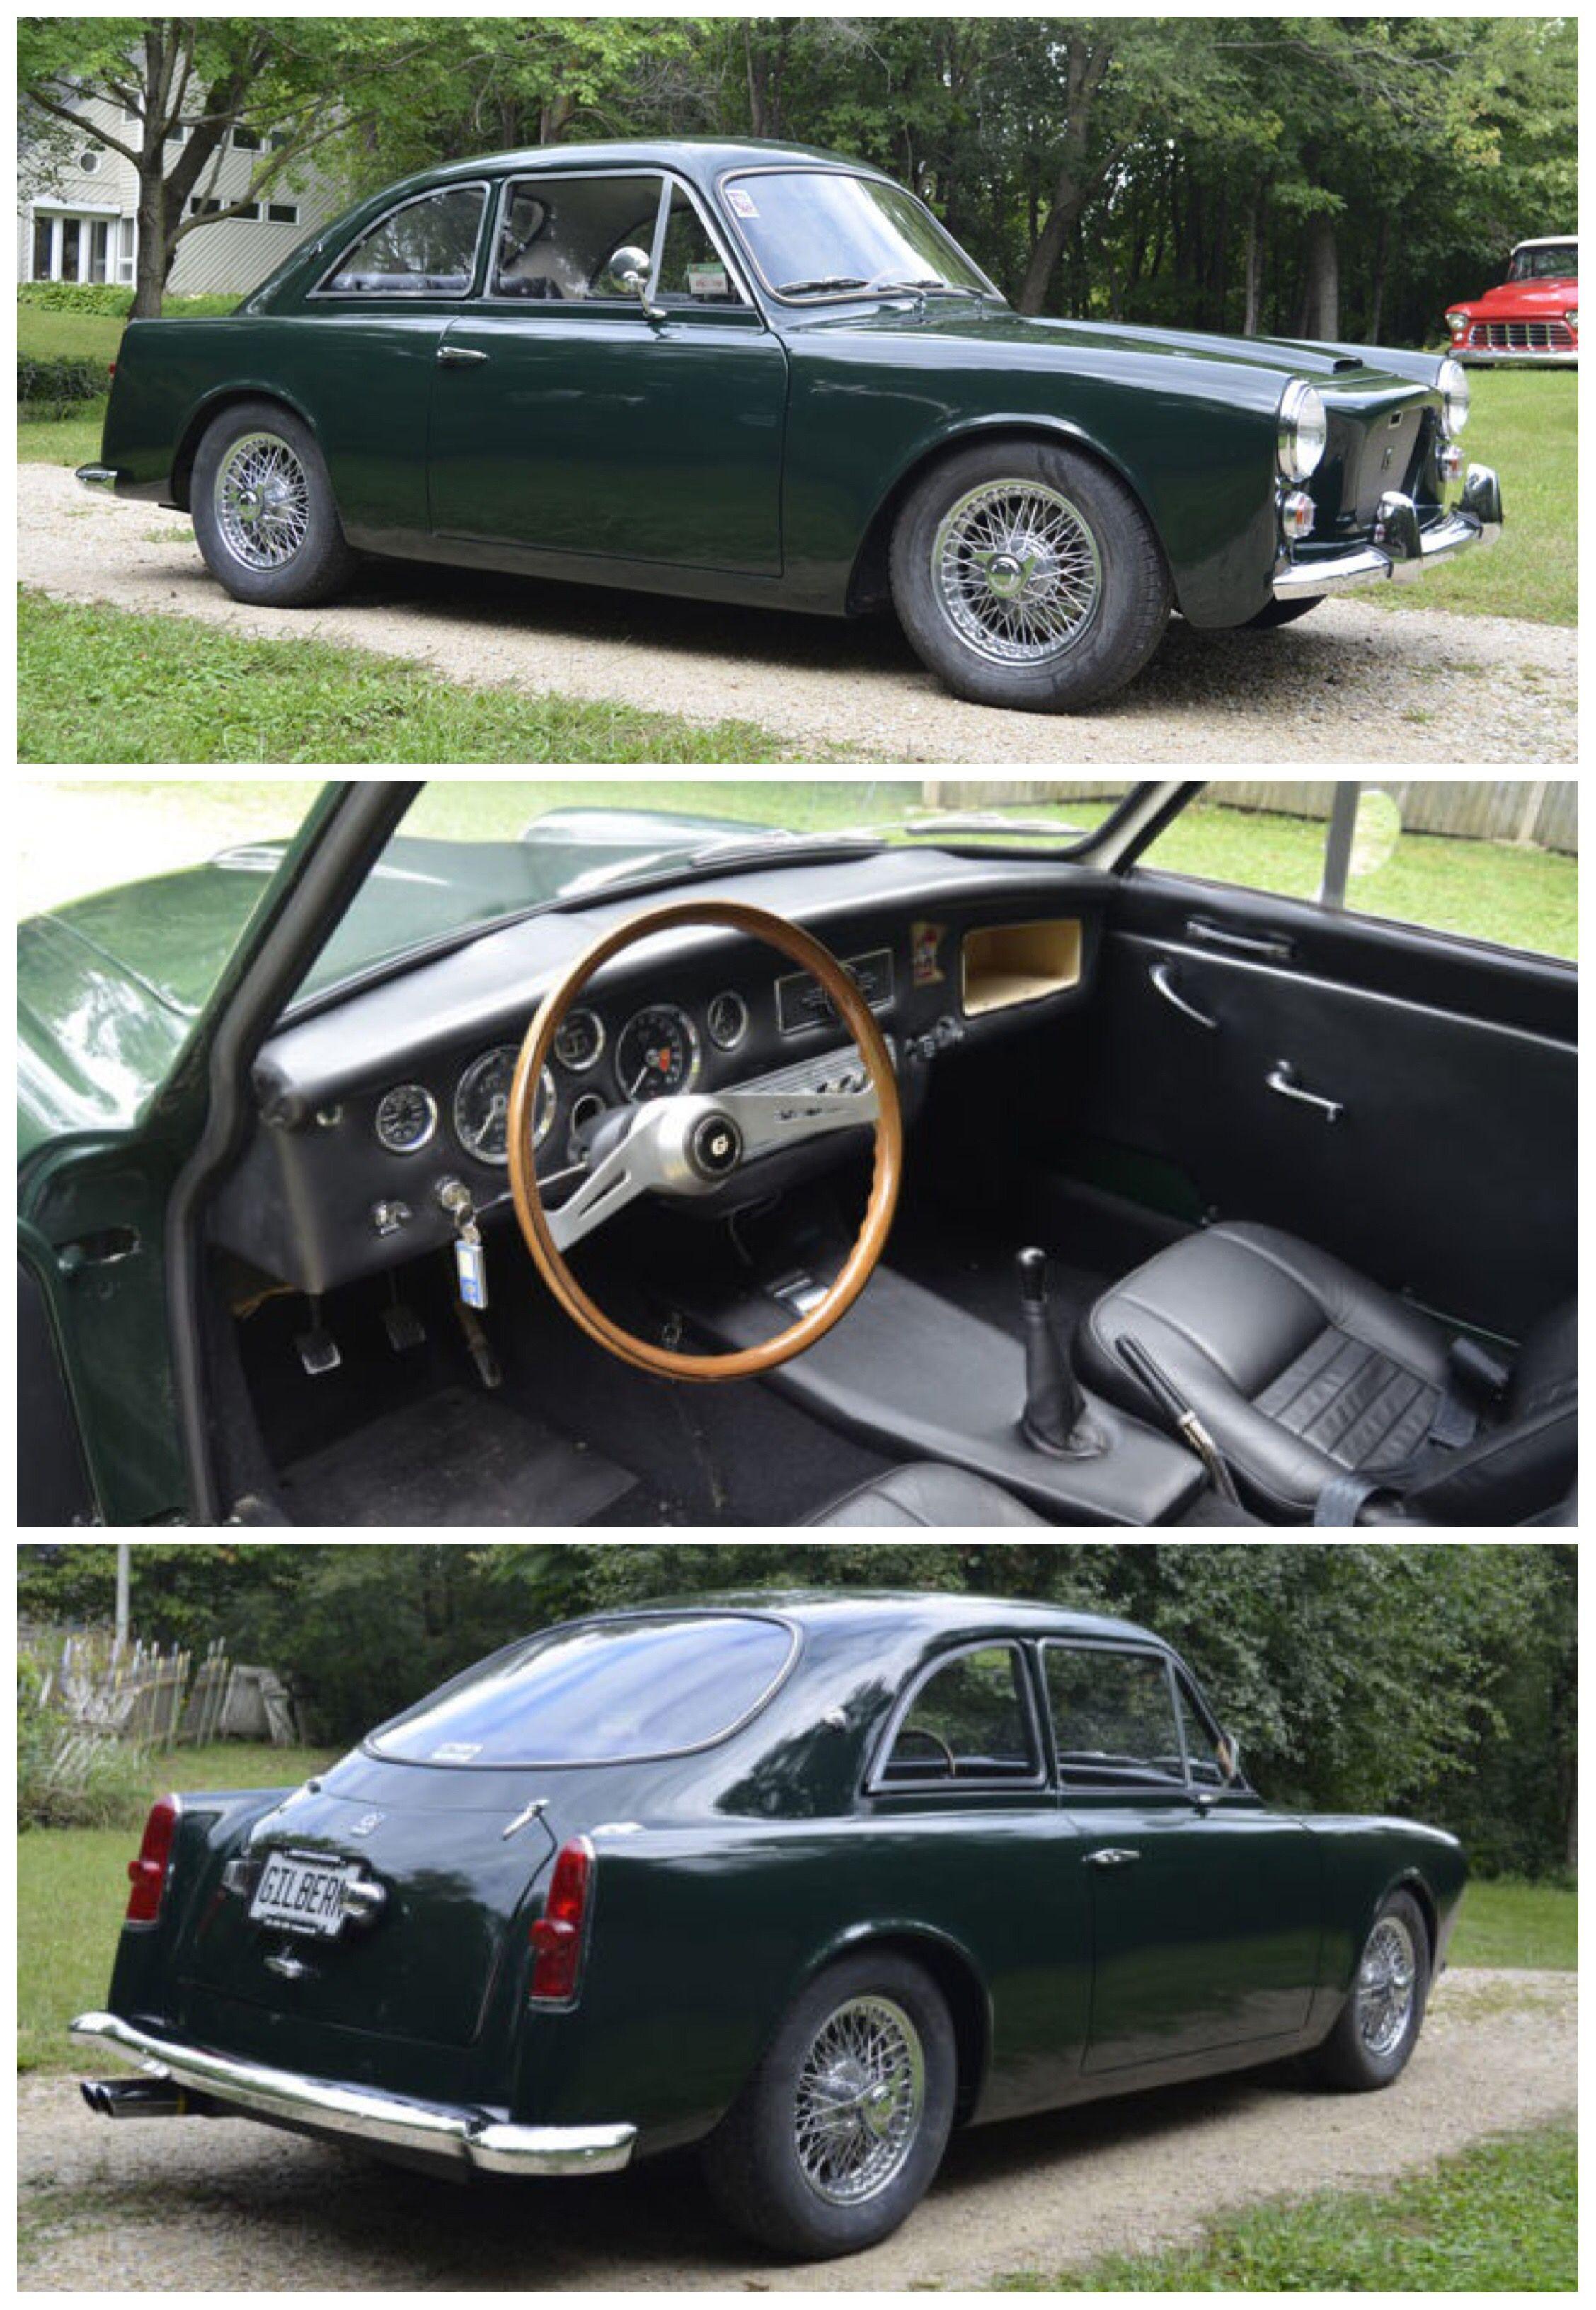 1965 Gilbern GT 1800 | BaT | Adrenaline Capsules | Pinterest | Bats ...